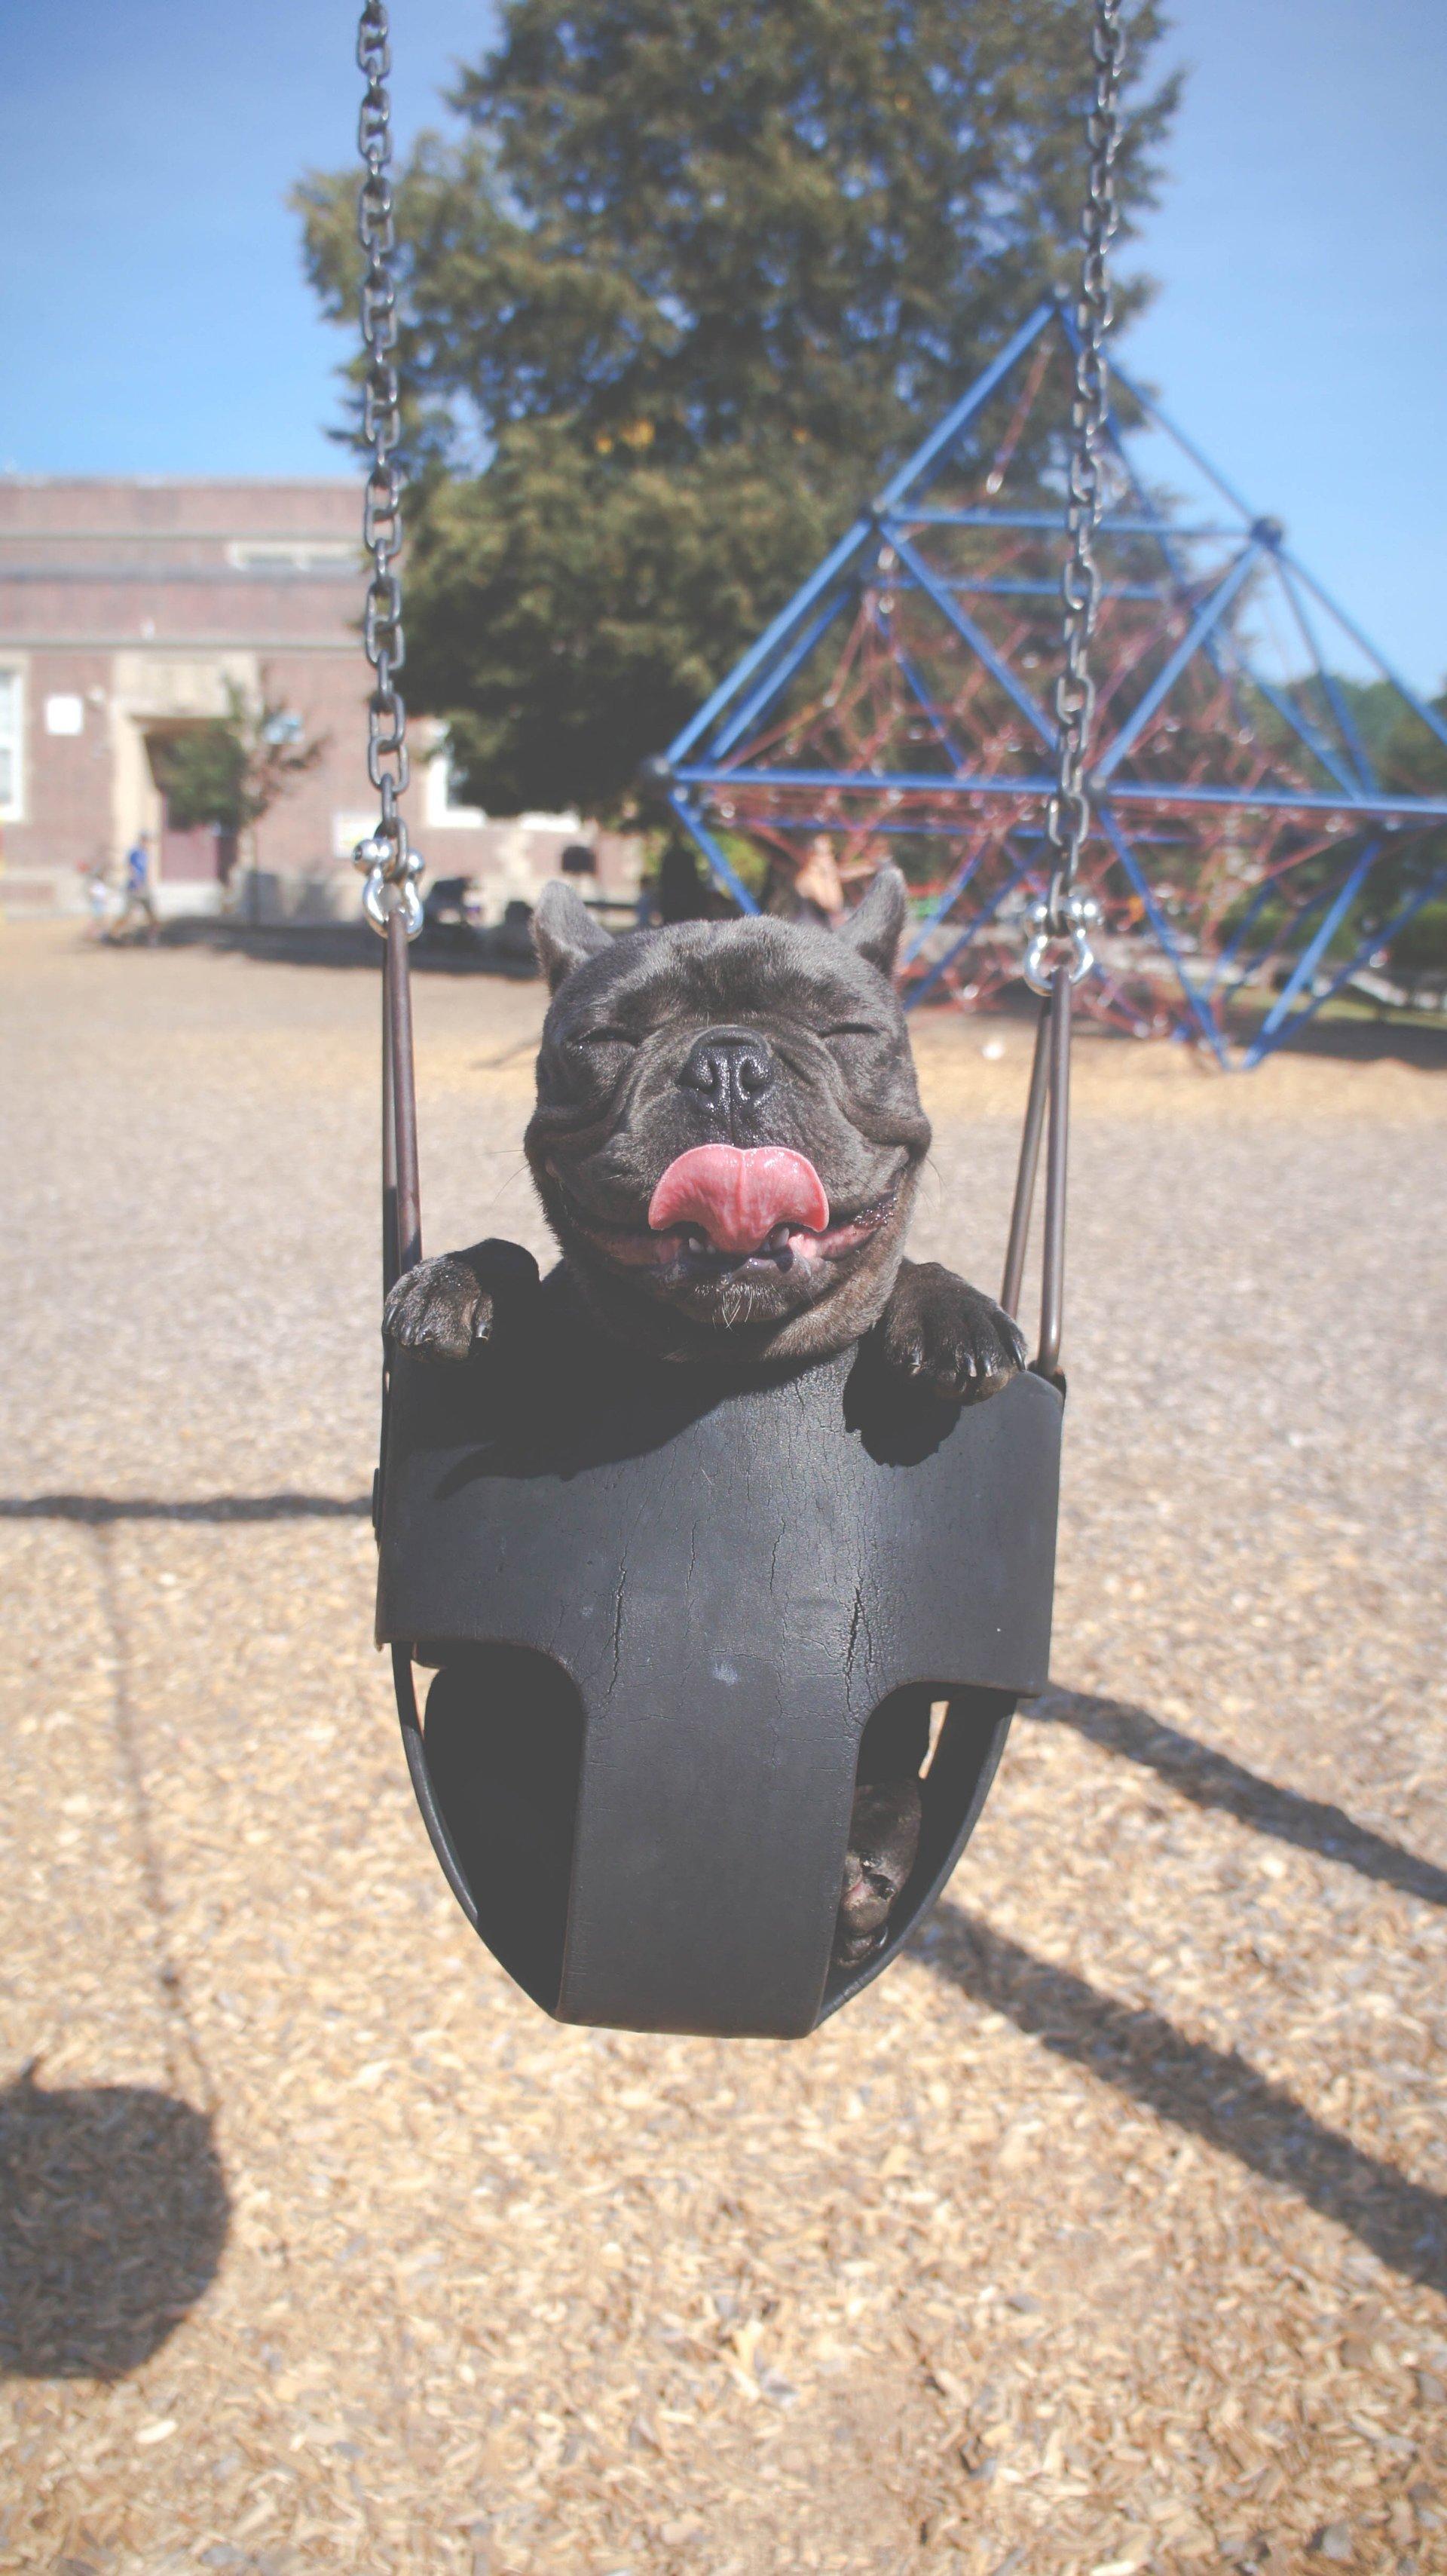 Puggerino in a Swing